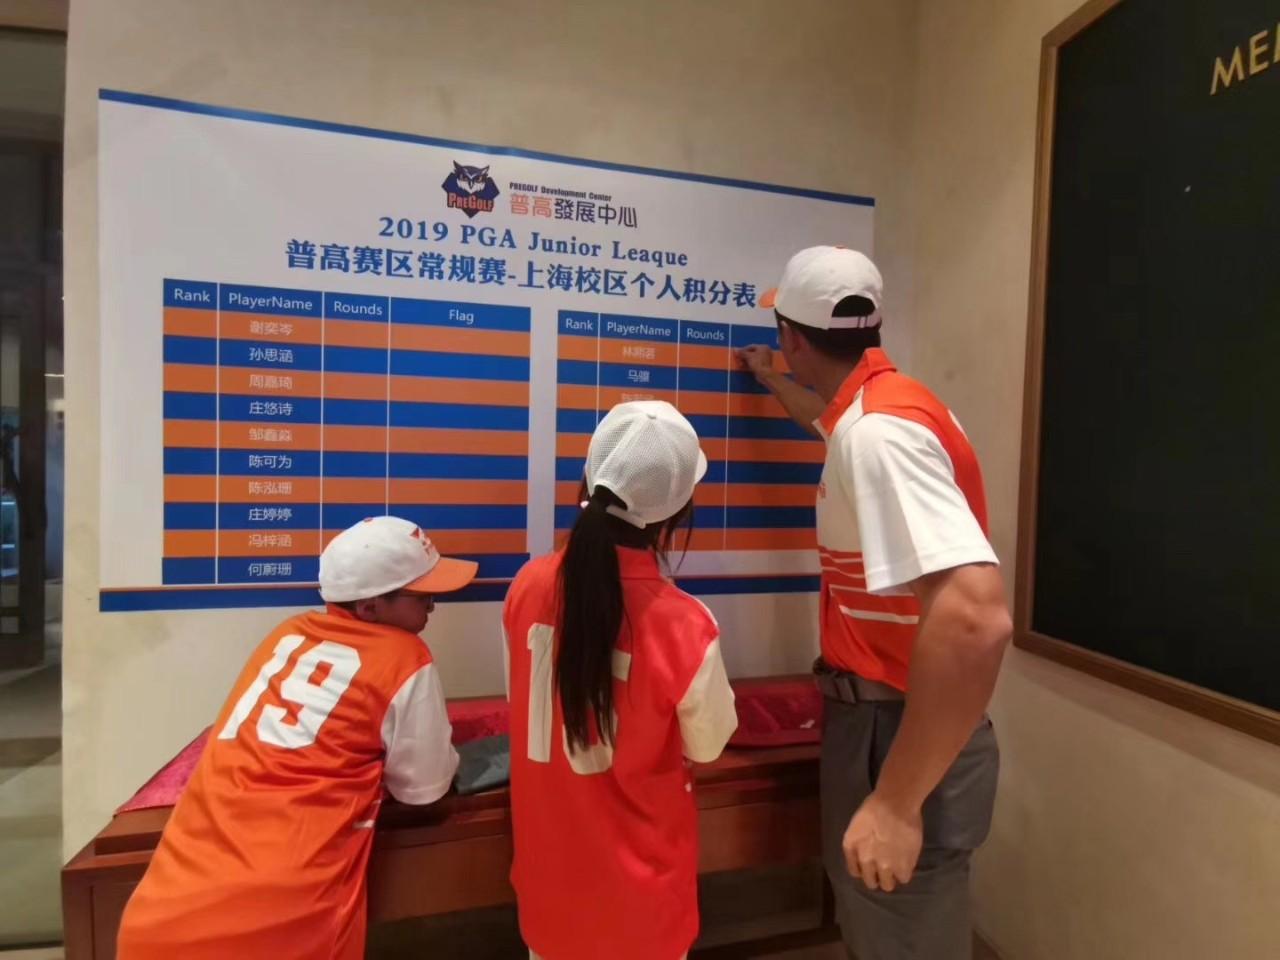 上海普高赛区第二轮选拔.jpg